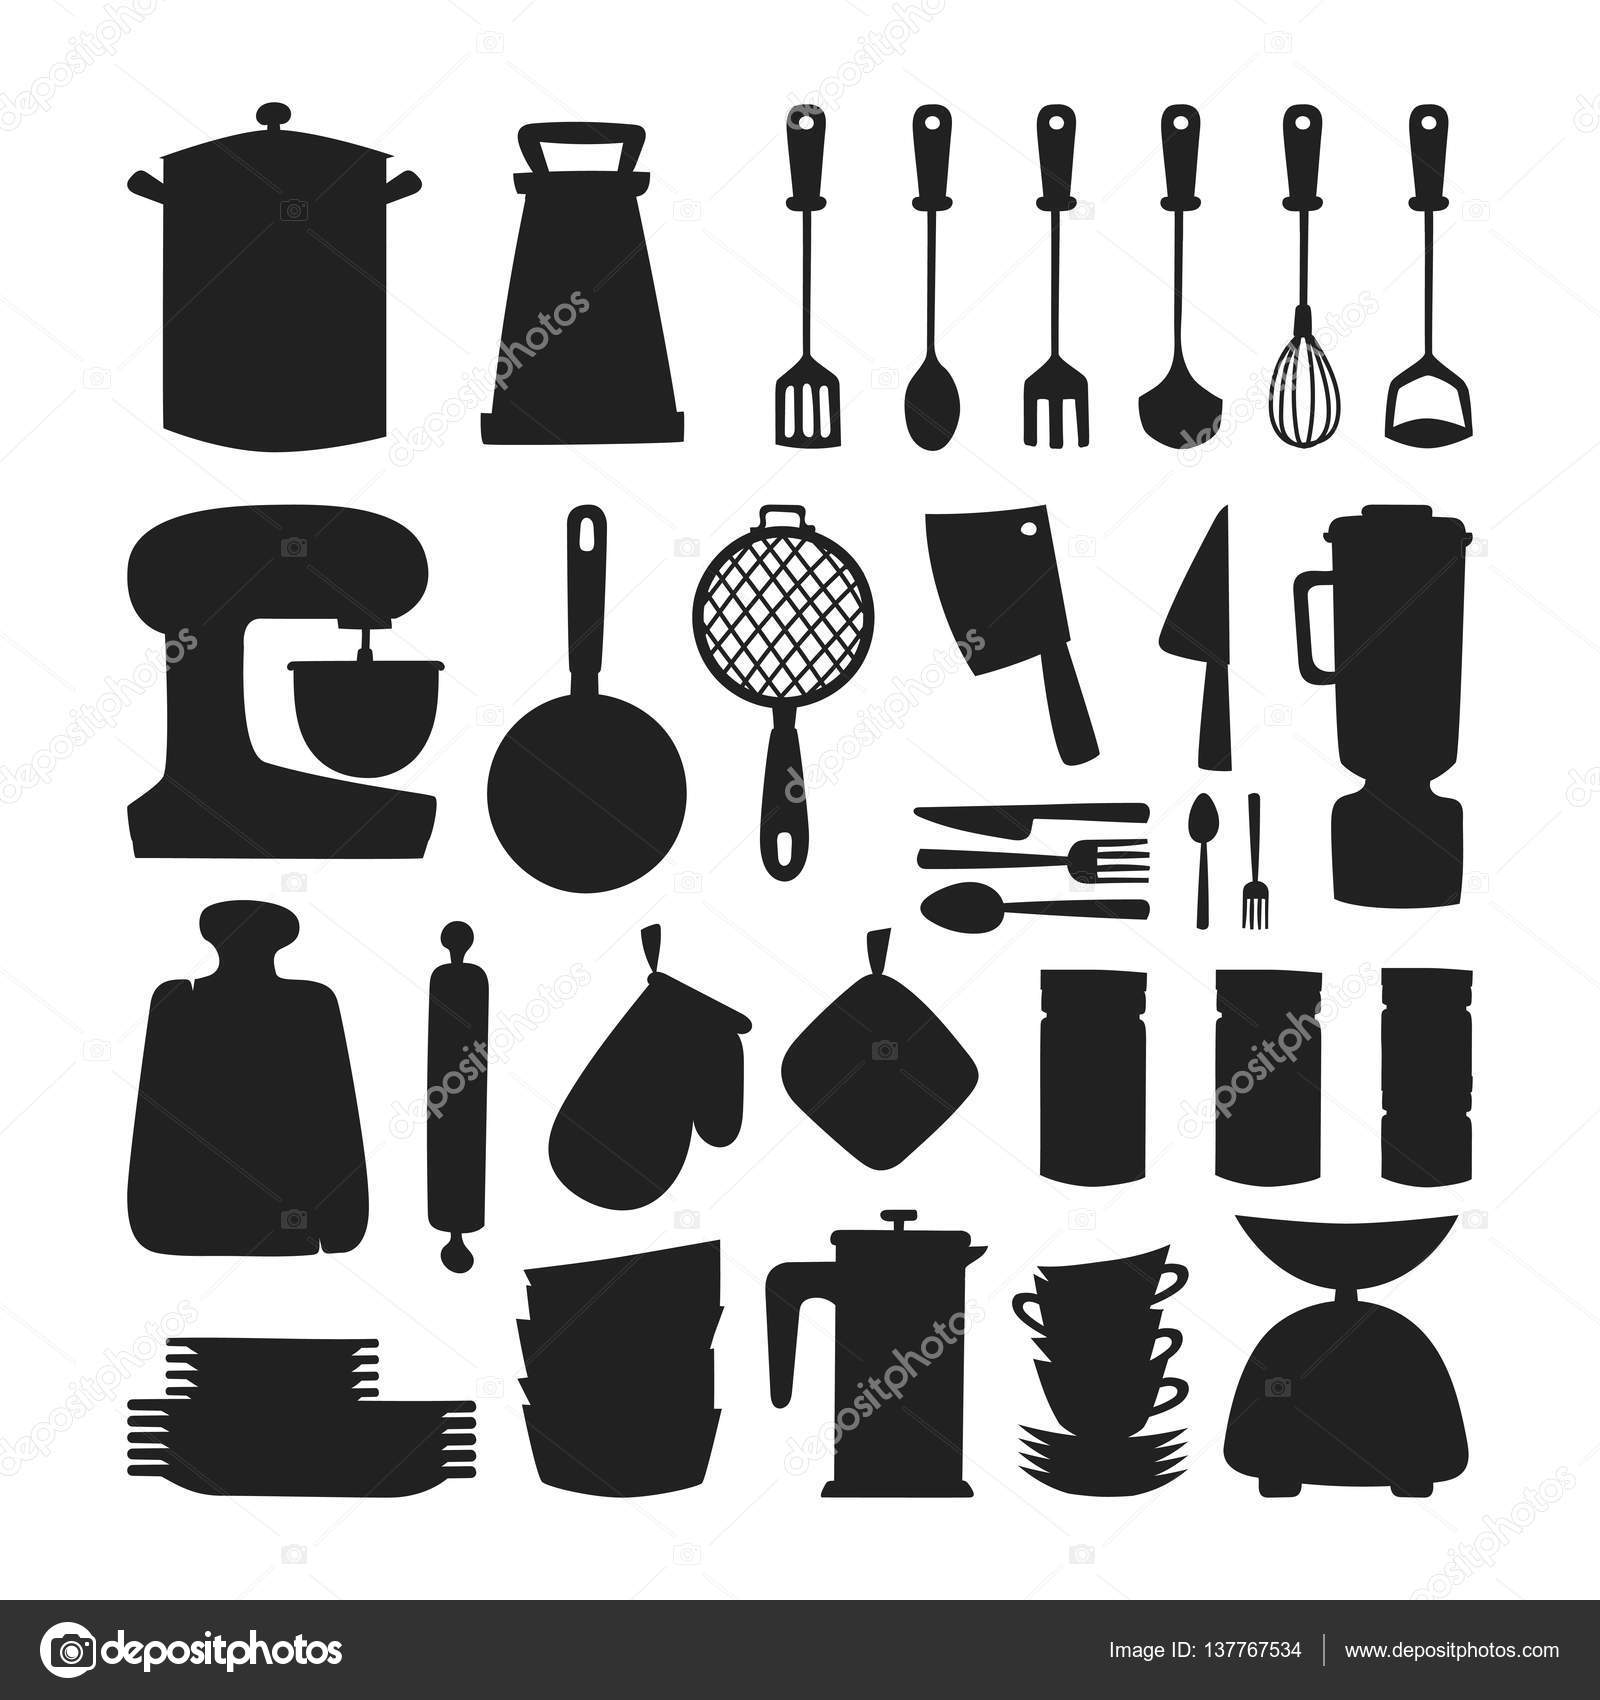 Keukengerei silhouet vector iconen stockvector adekvat for Equipo menor de cocina